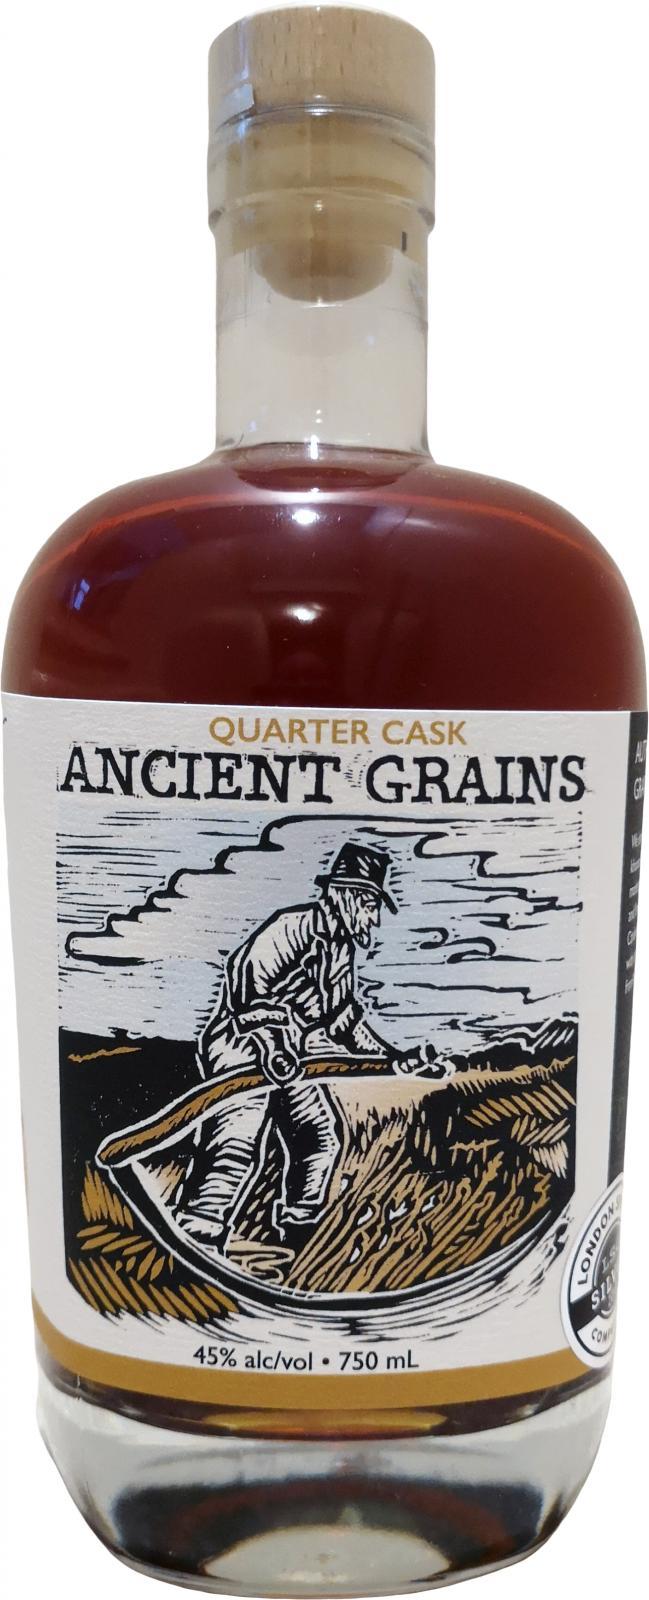 Ancient Grains Quarter Cask